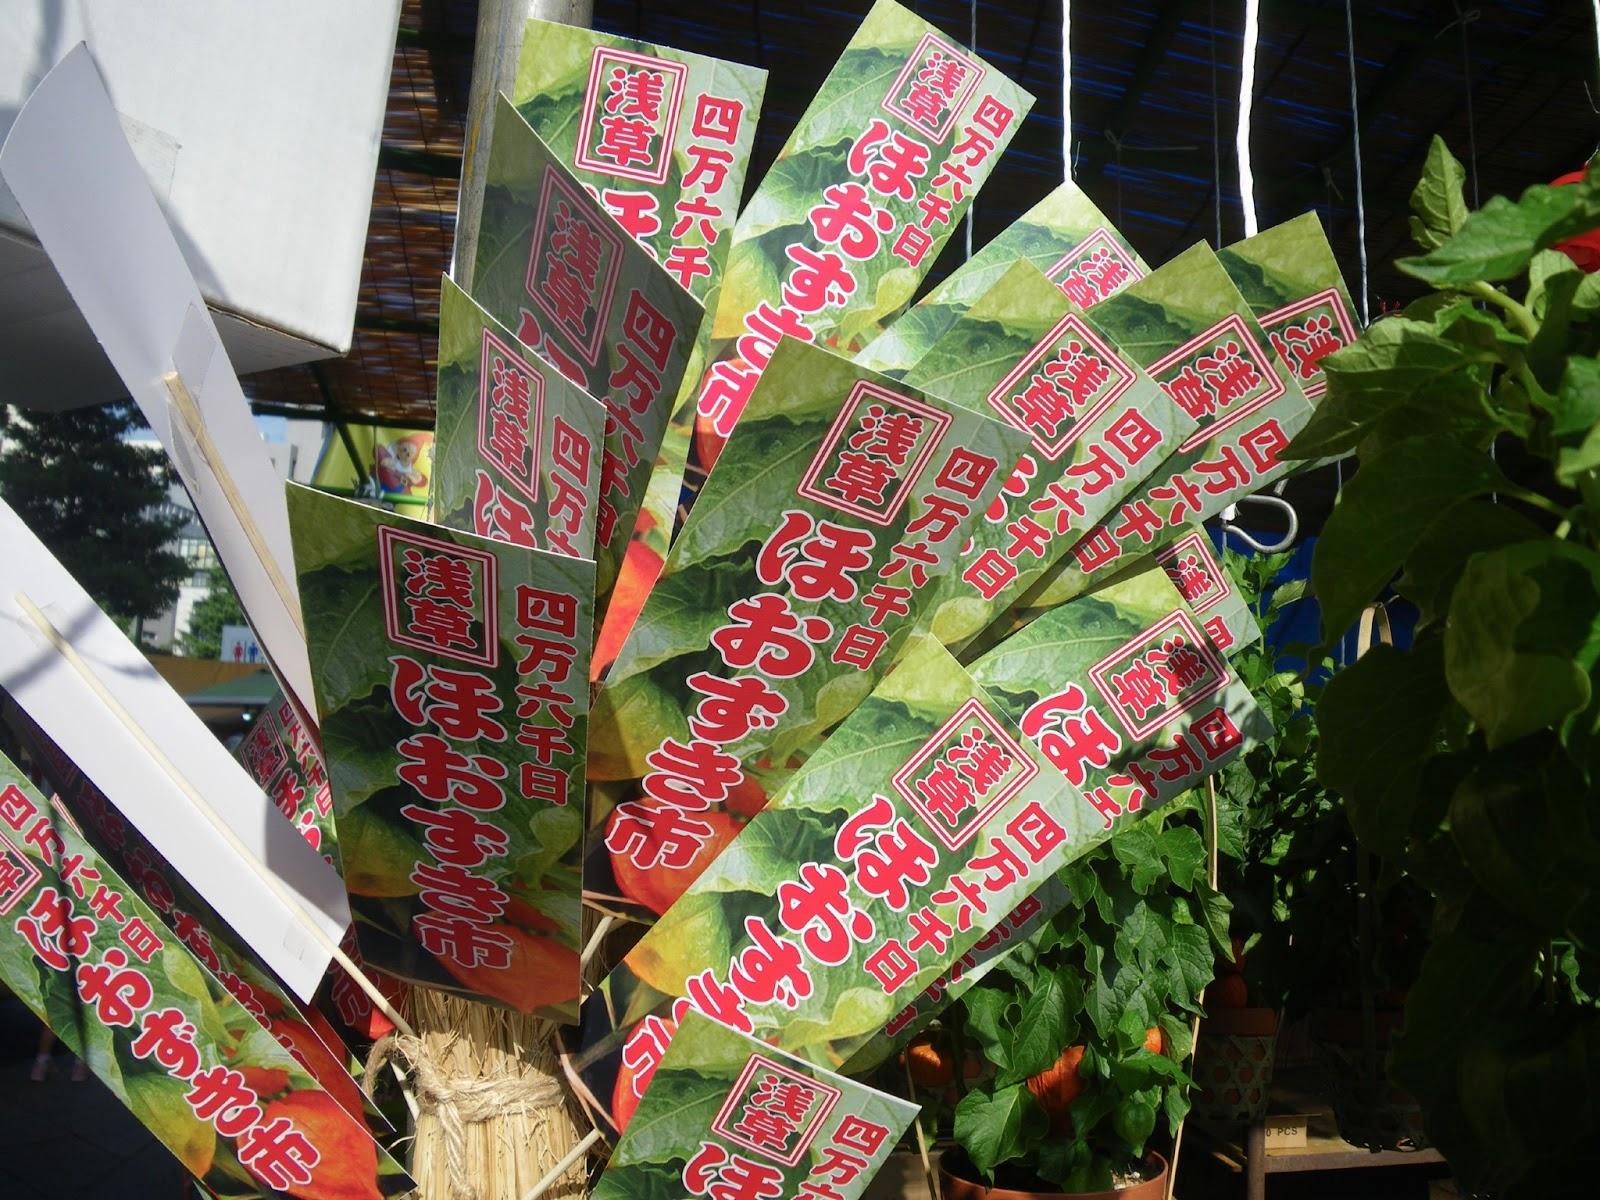 東京観光 浅草ほおずき市 Hozuki market in Asakusa